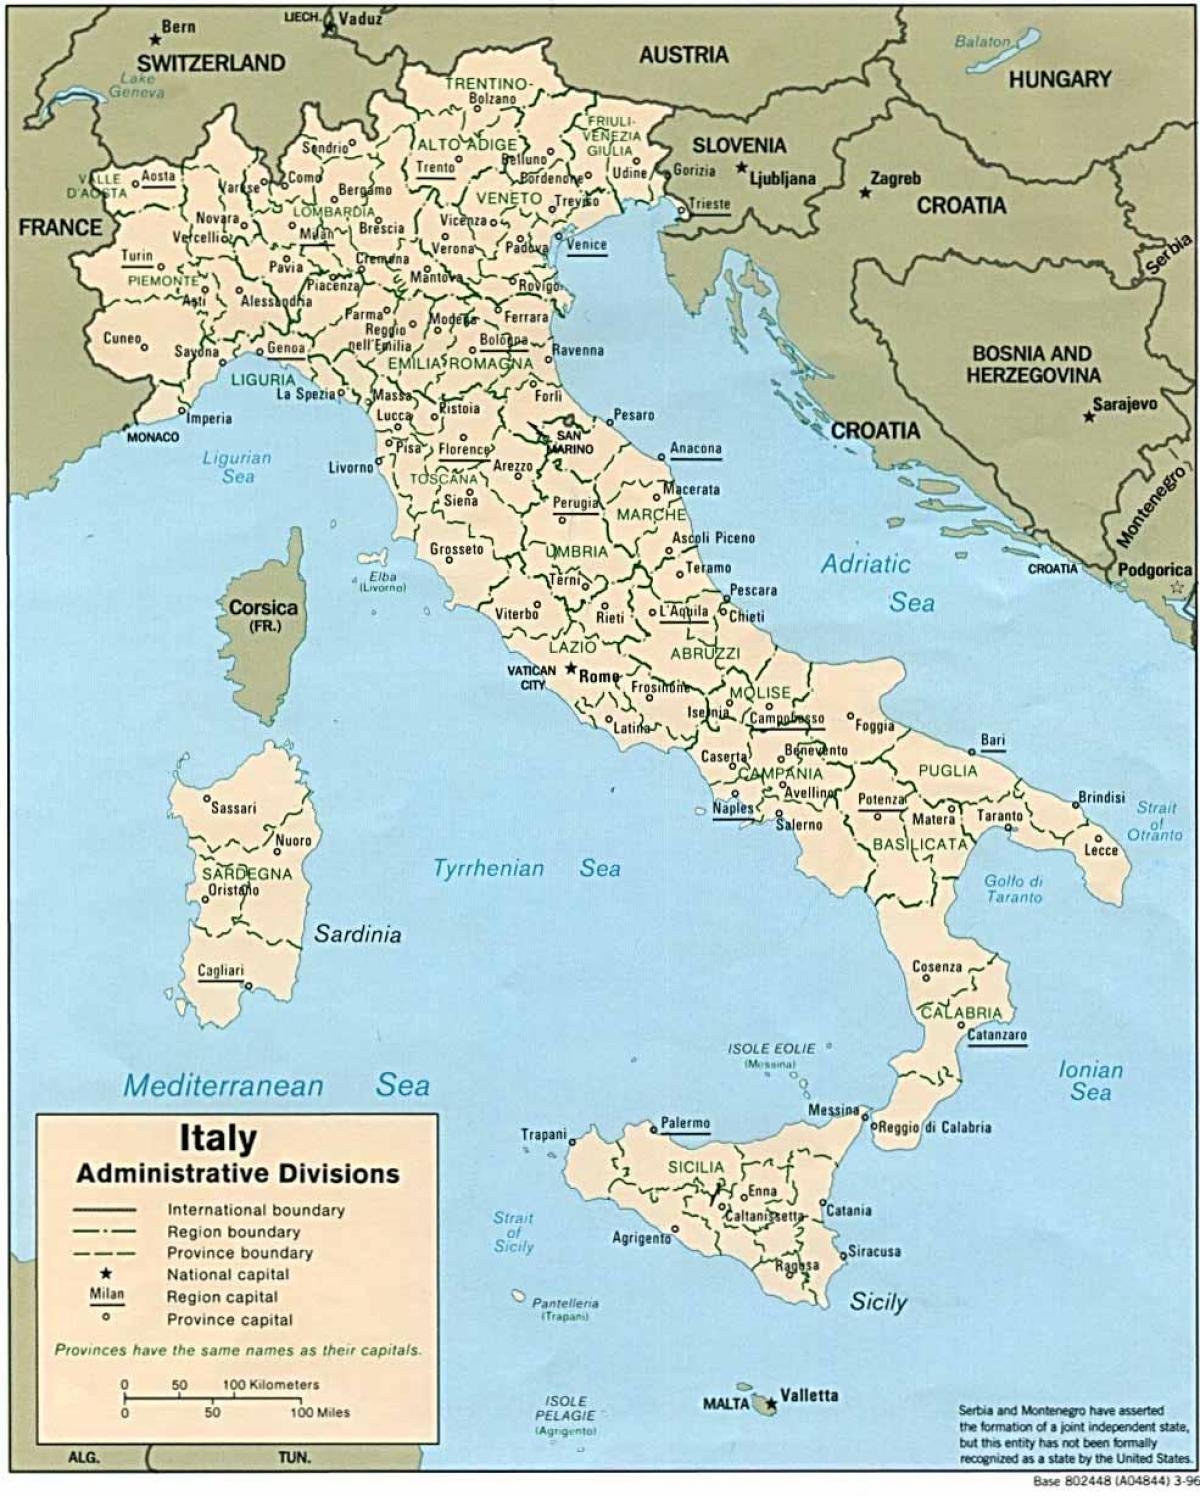 L'italie des cartes - voir la carte de l'Italie (Sud de l'Europe - Europe)